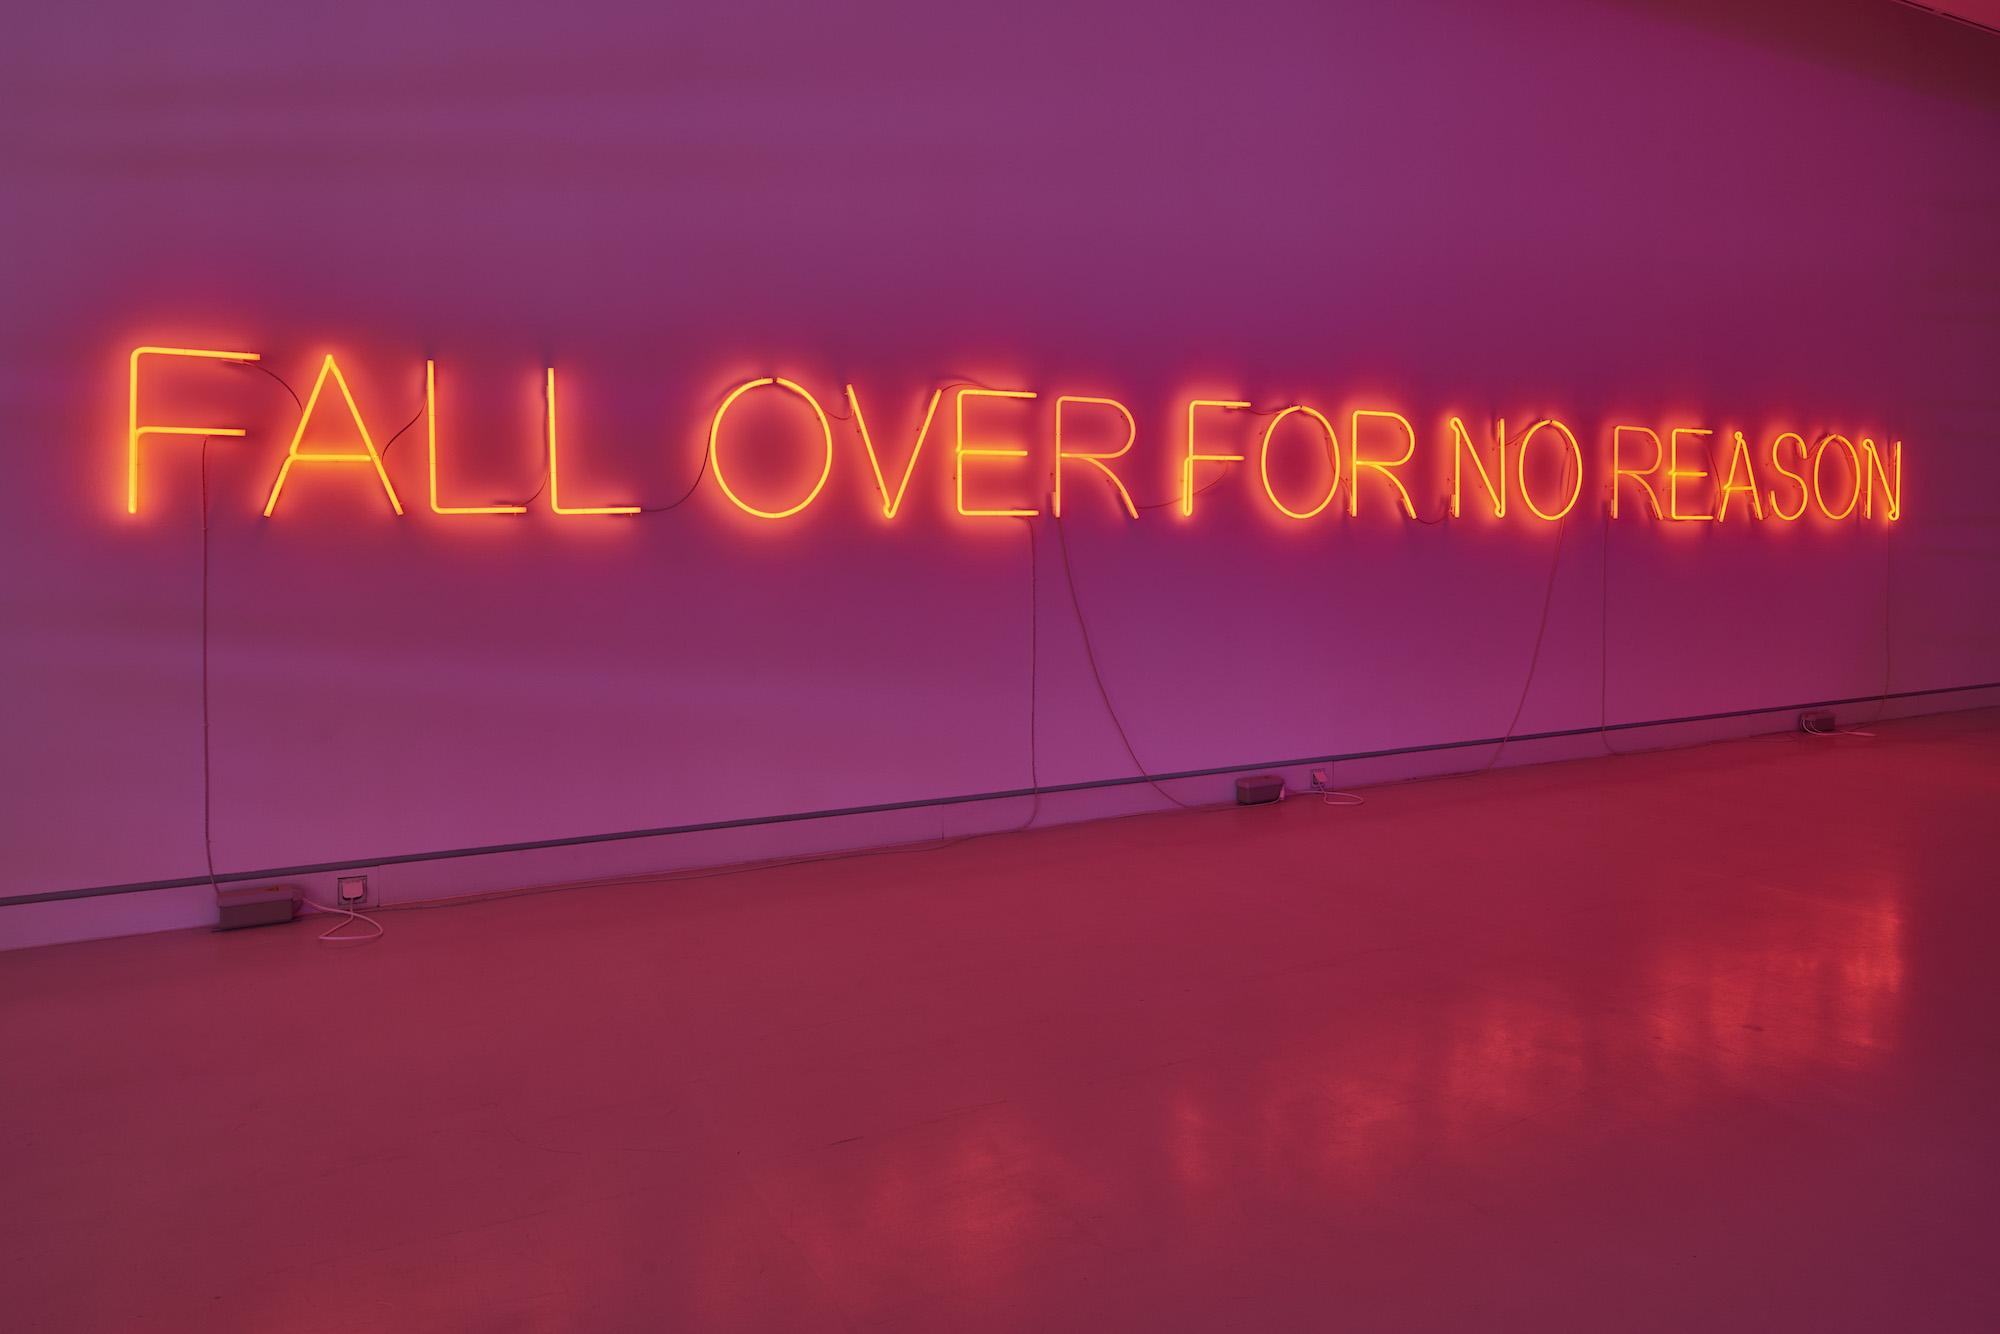 Tim Etchells, NO REASON, 2019. Neon, three transformers. 50 x 938 cm.